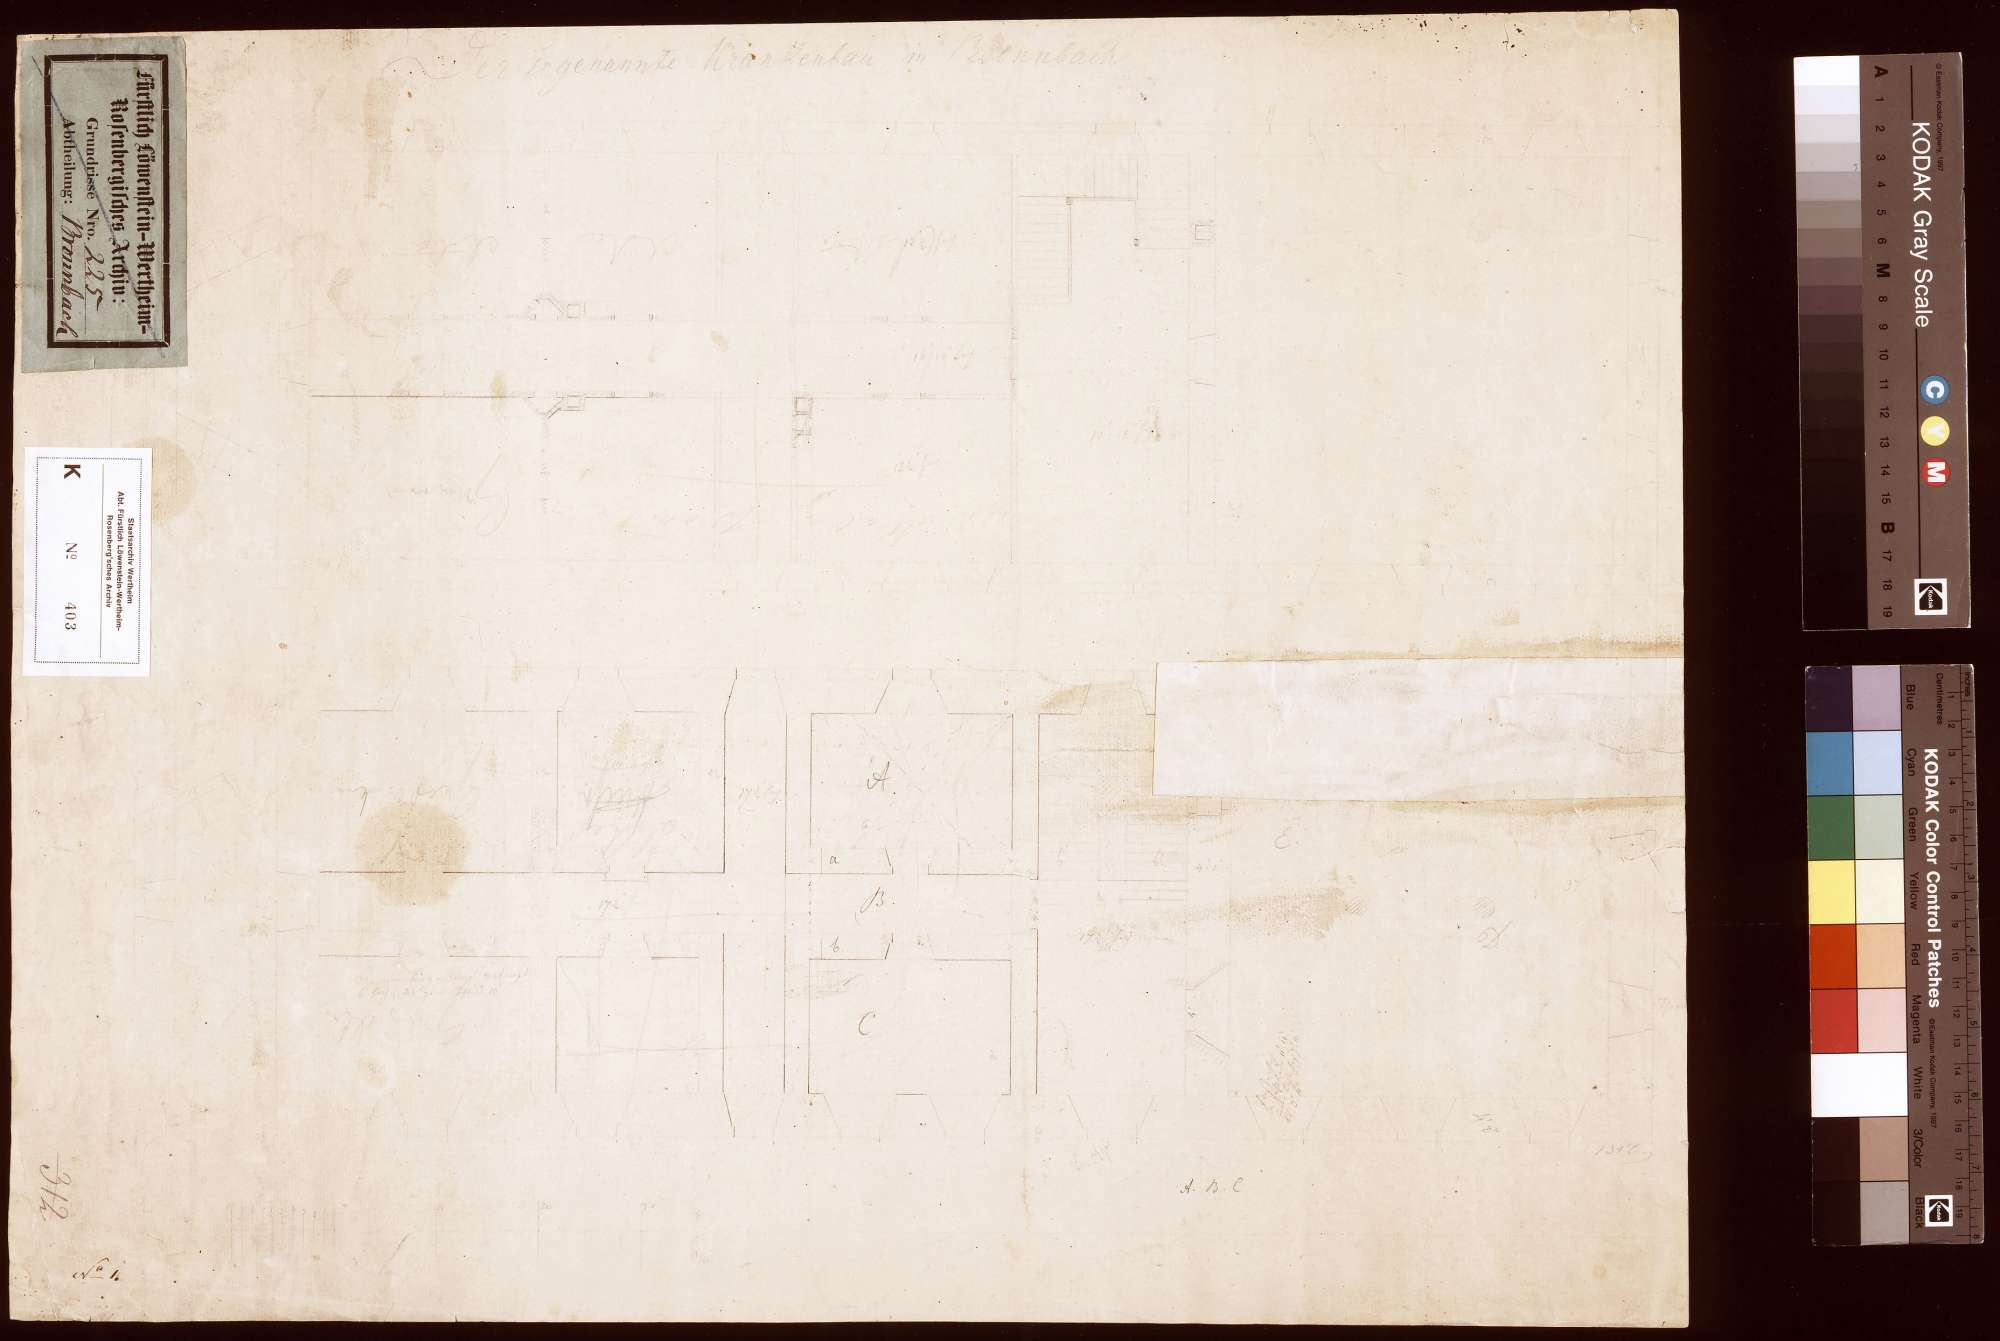 Hofgut Wagenbuch: Zusammenstellung der Äcker (Inselkarte), Rückseite